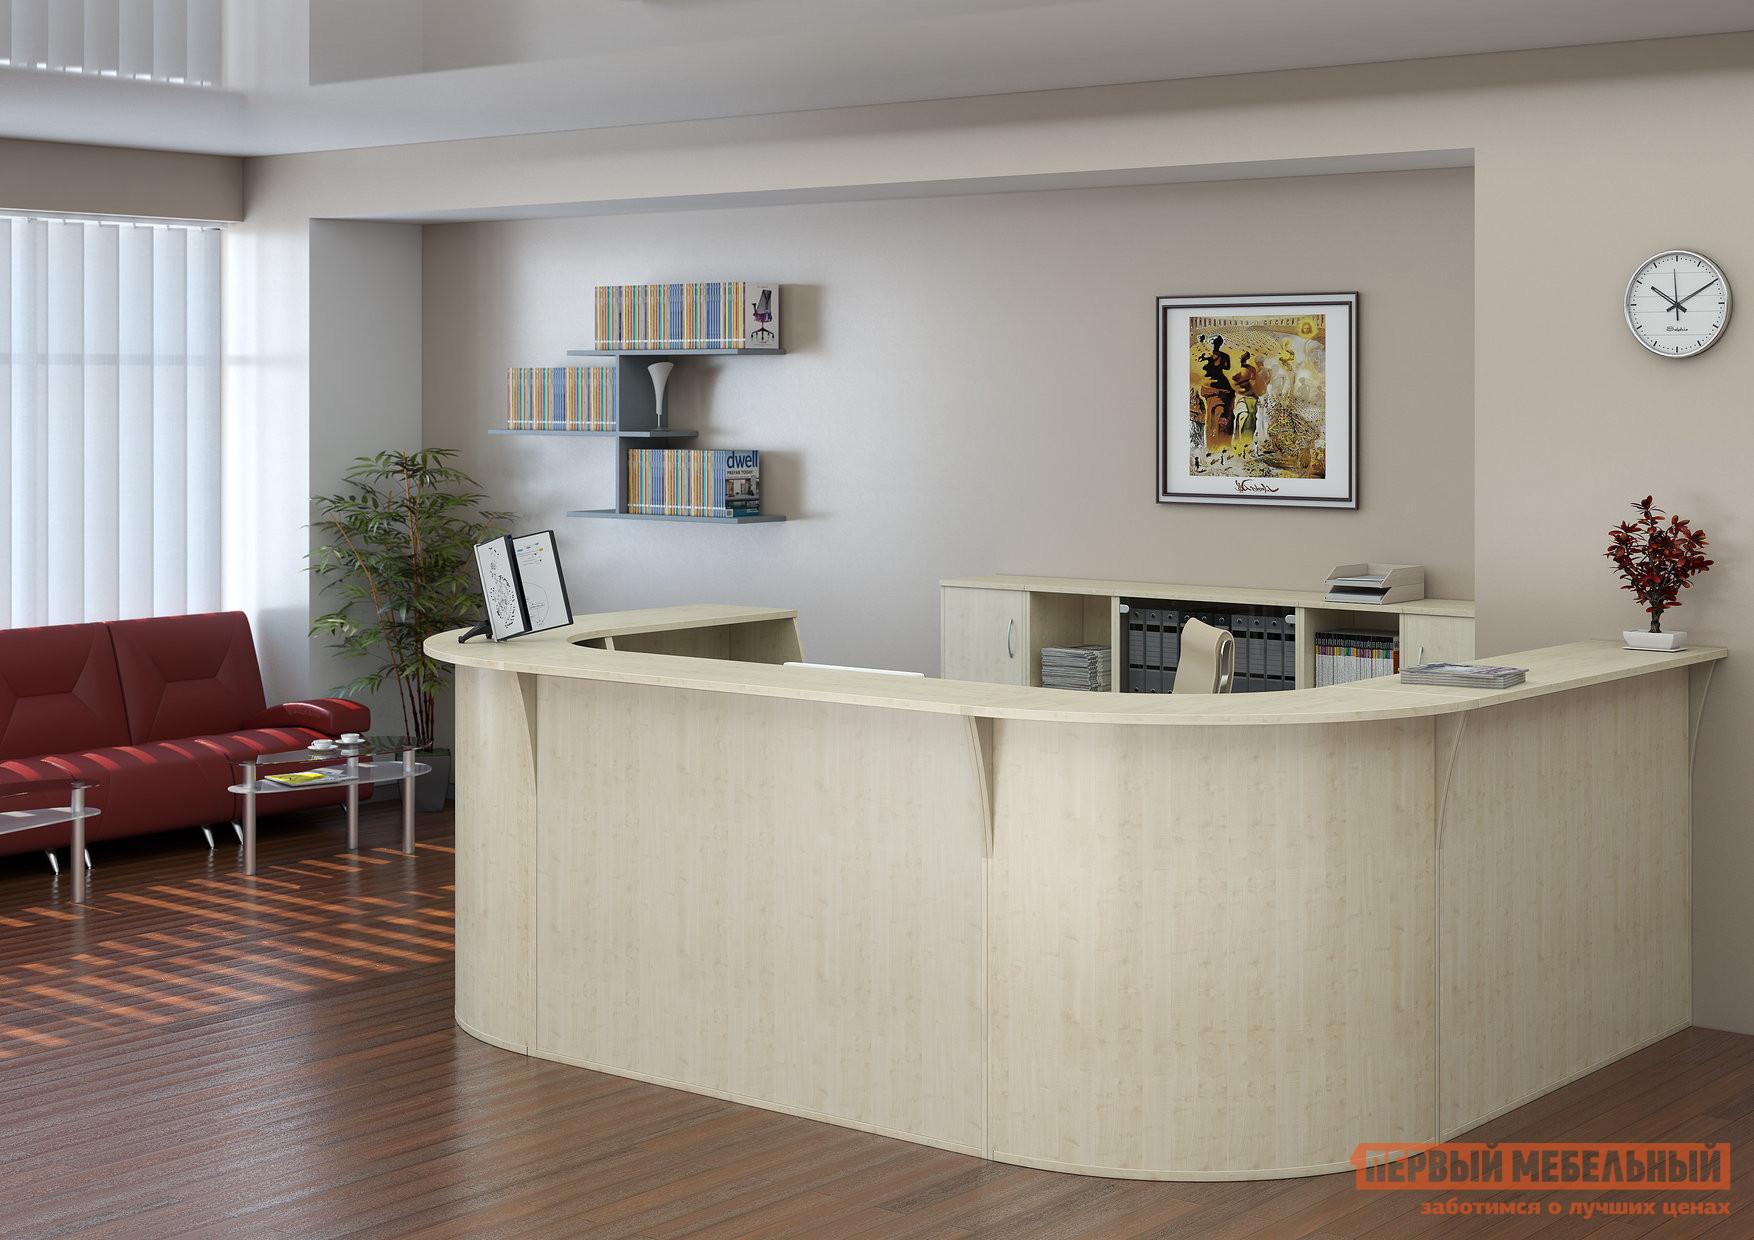 Комплект офисной мебели Riva Рива Ресепшн Клен К2 комплект офисной мебели riva рива клен к1